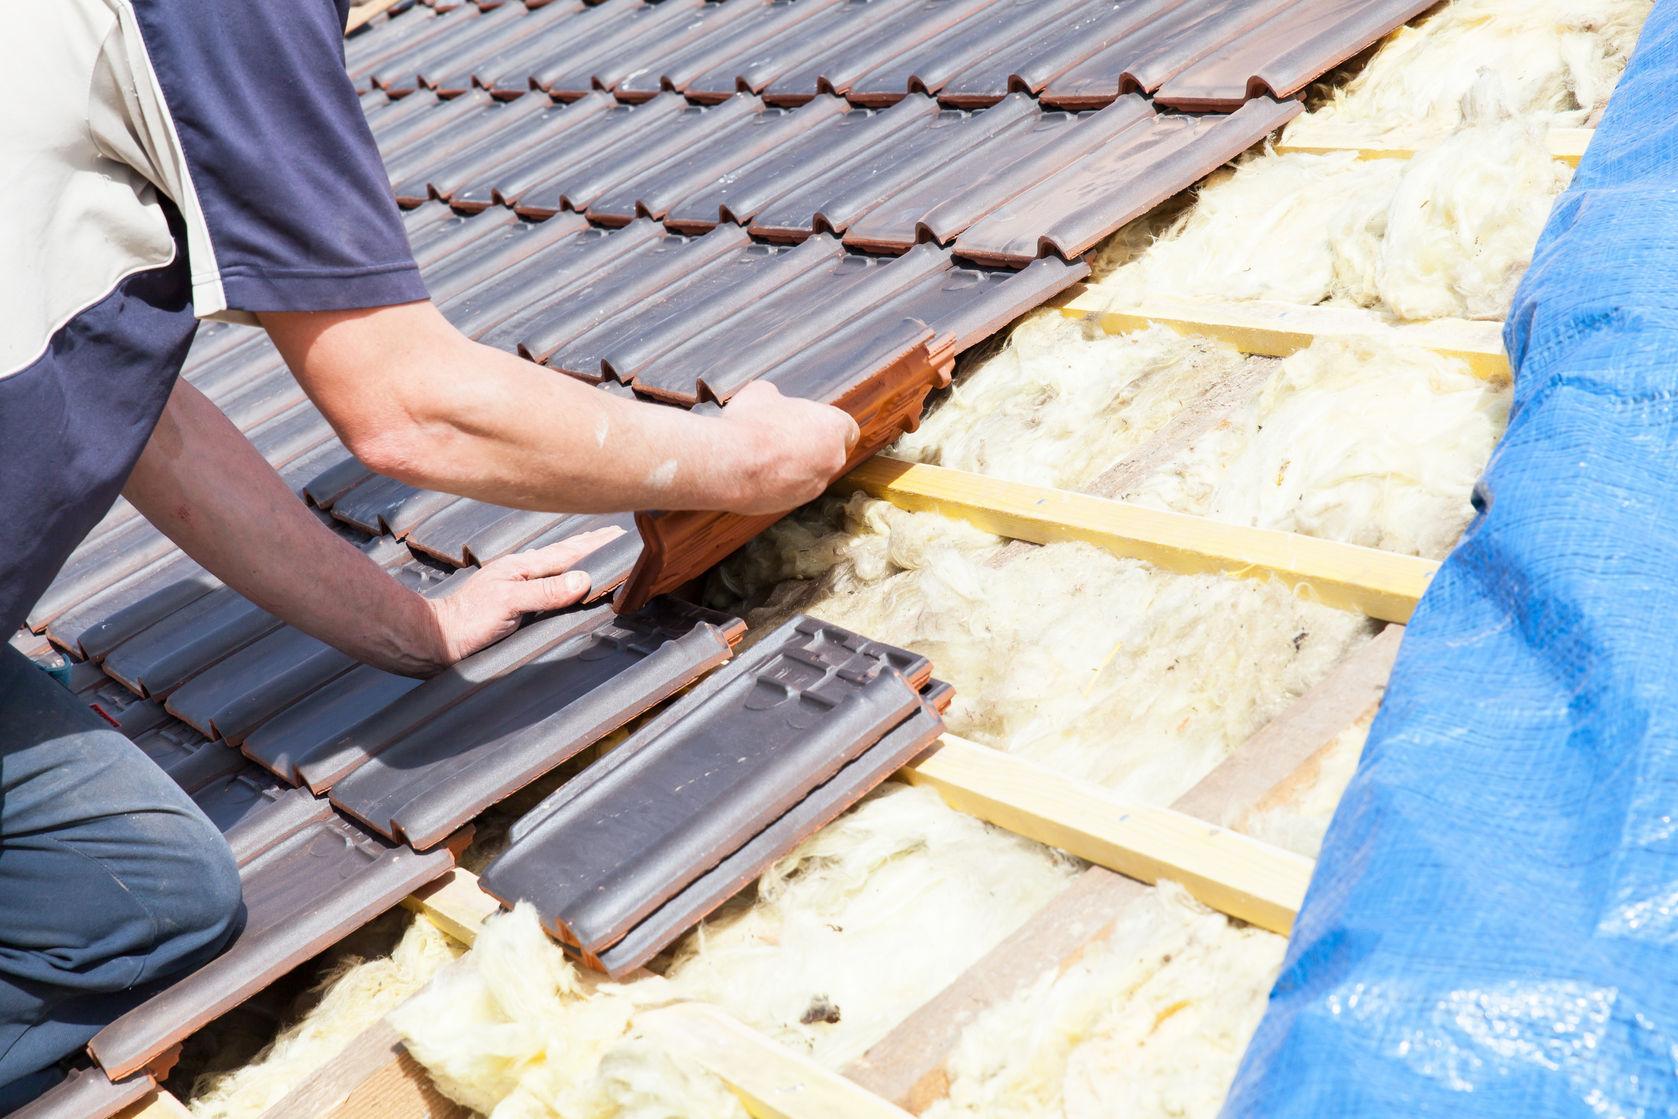 Een gedeelte van uw dak of uw hele dak vervangen laat u over aan dakspecialist Bouwonderneming Zomer